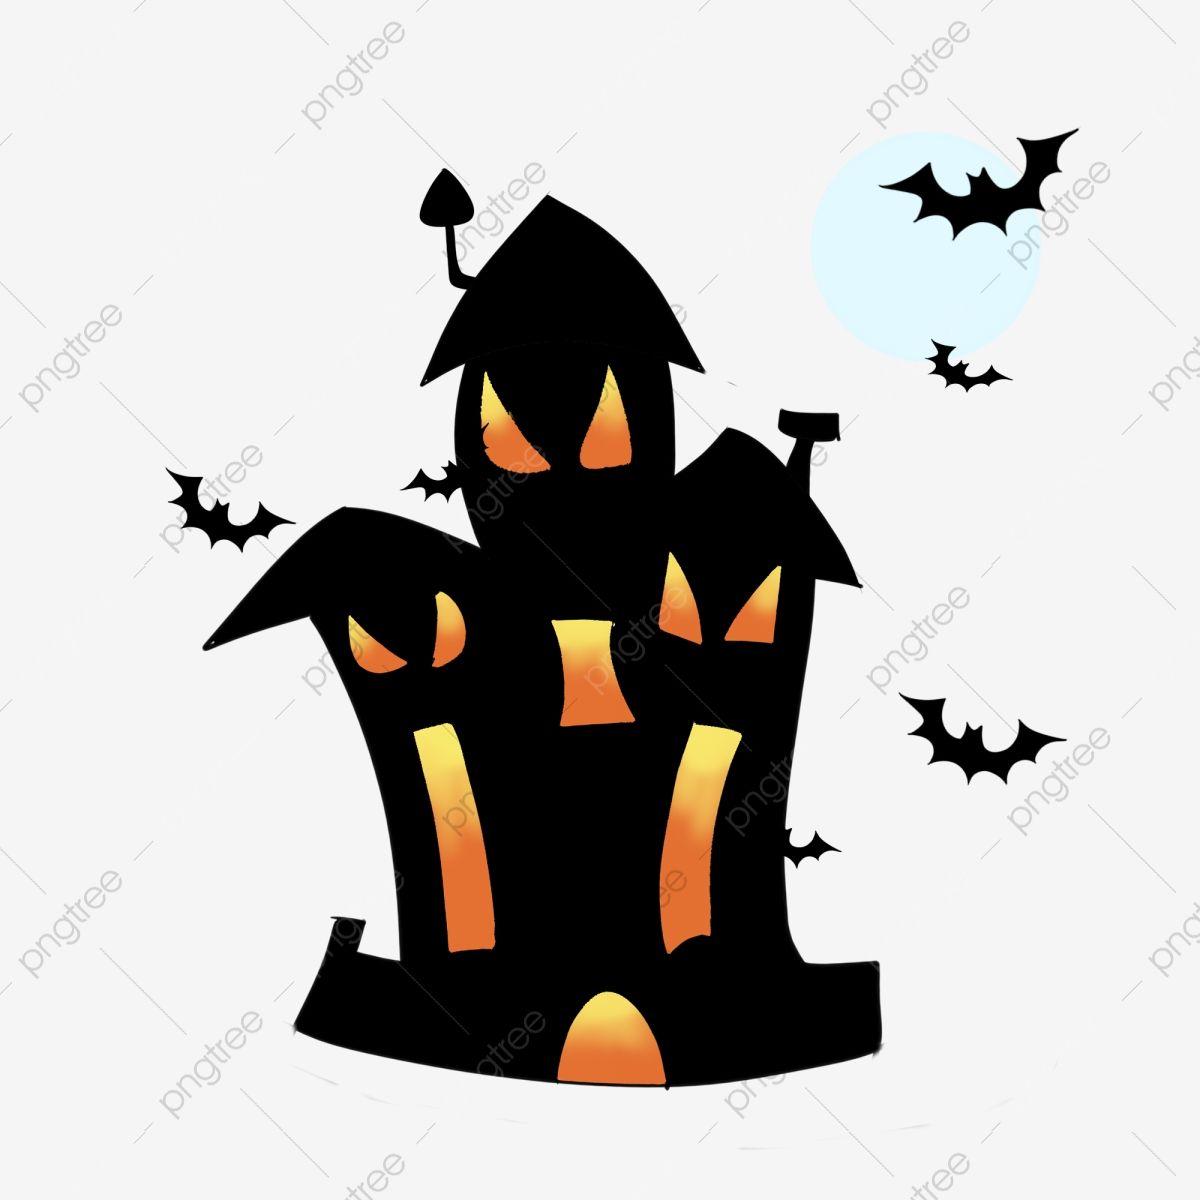 Halloween Theme Chateau De La Maison Hantee Illustration Clipart Chateau Festival Fantome Fete D Halloween Fichier Png Et Psd Pour Le Telechargement Libre Dessin Halloween Maison Hantee Maison Hantee Halloween